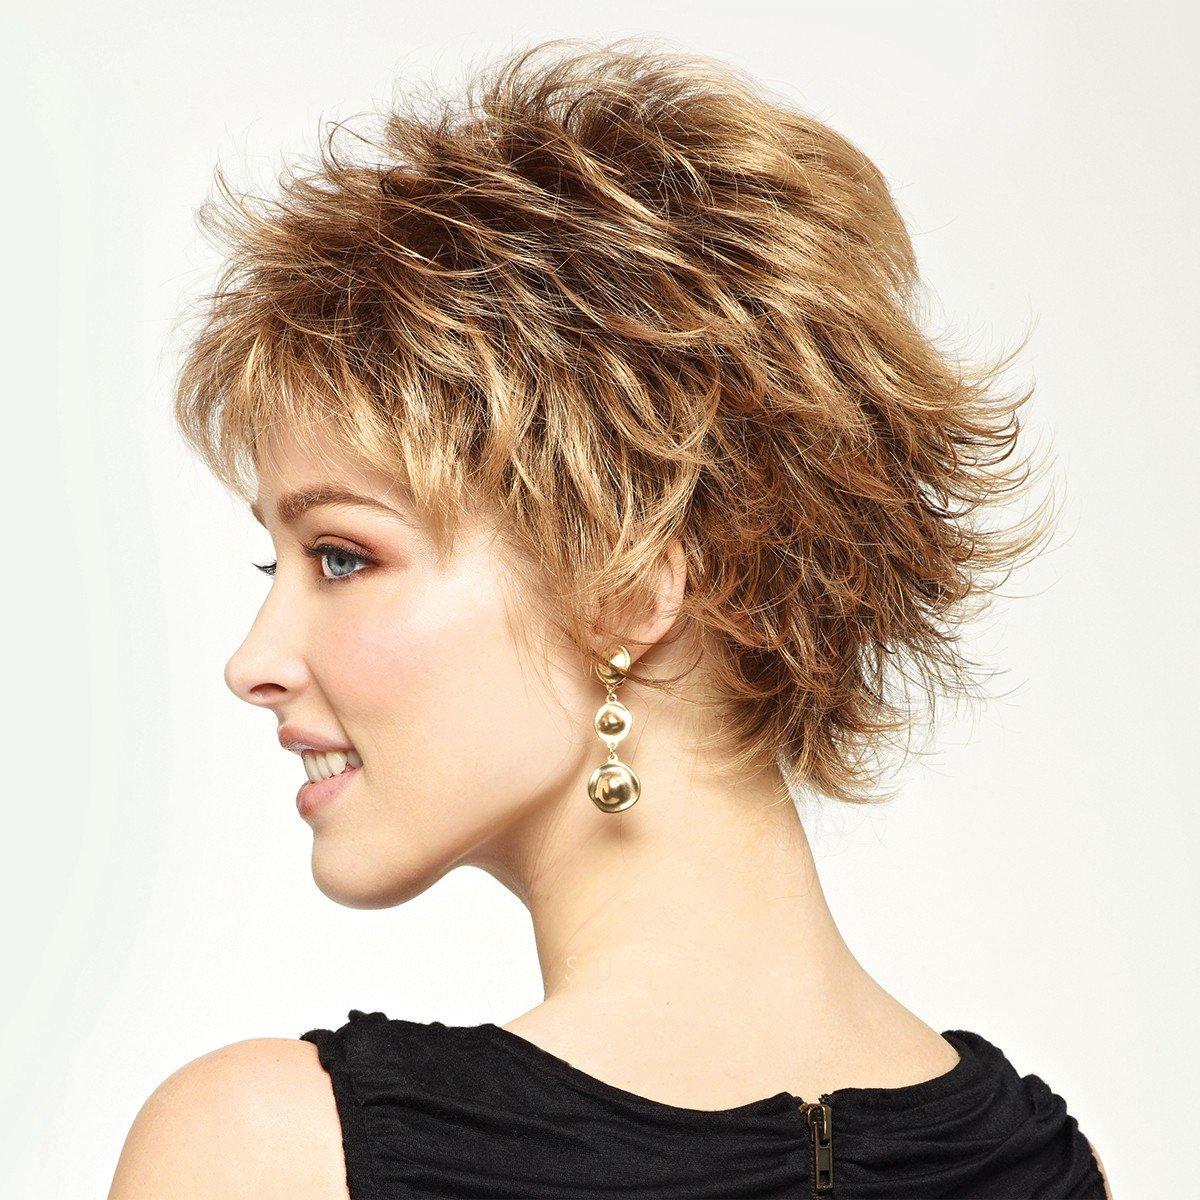 Дизайн причесок на короткие волосы фото